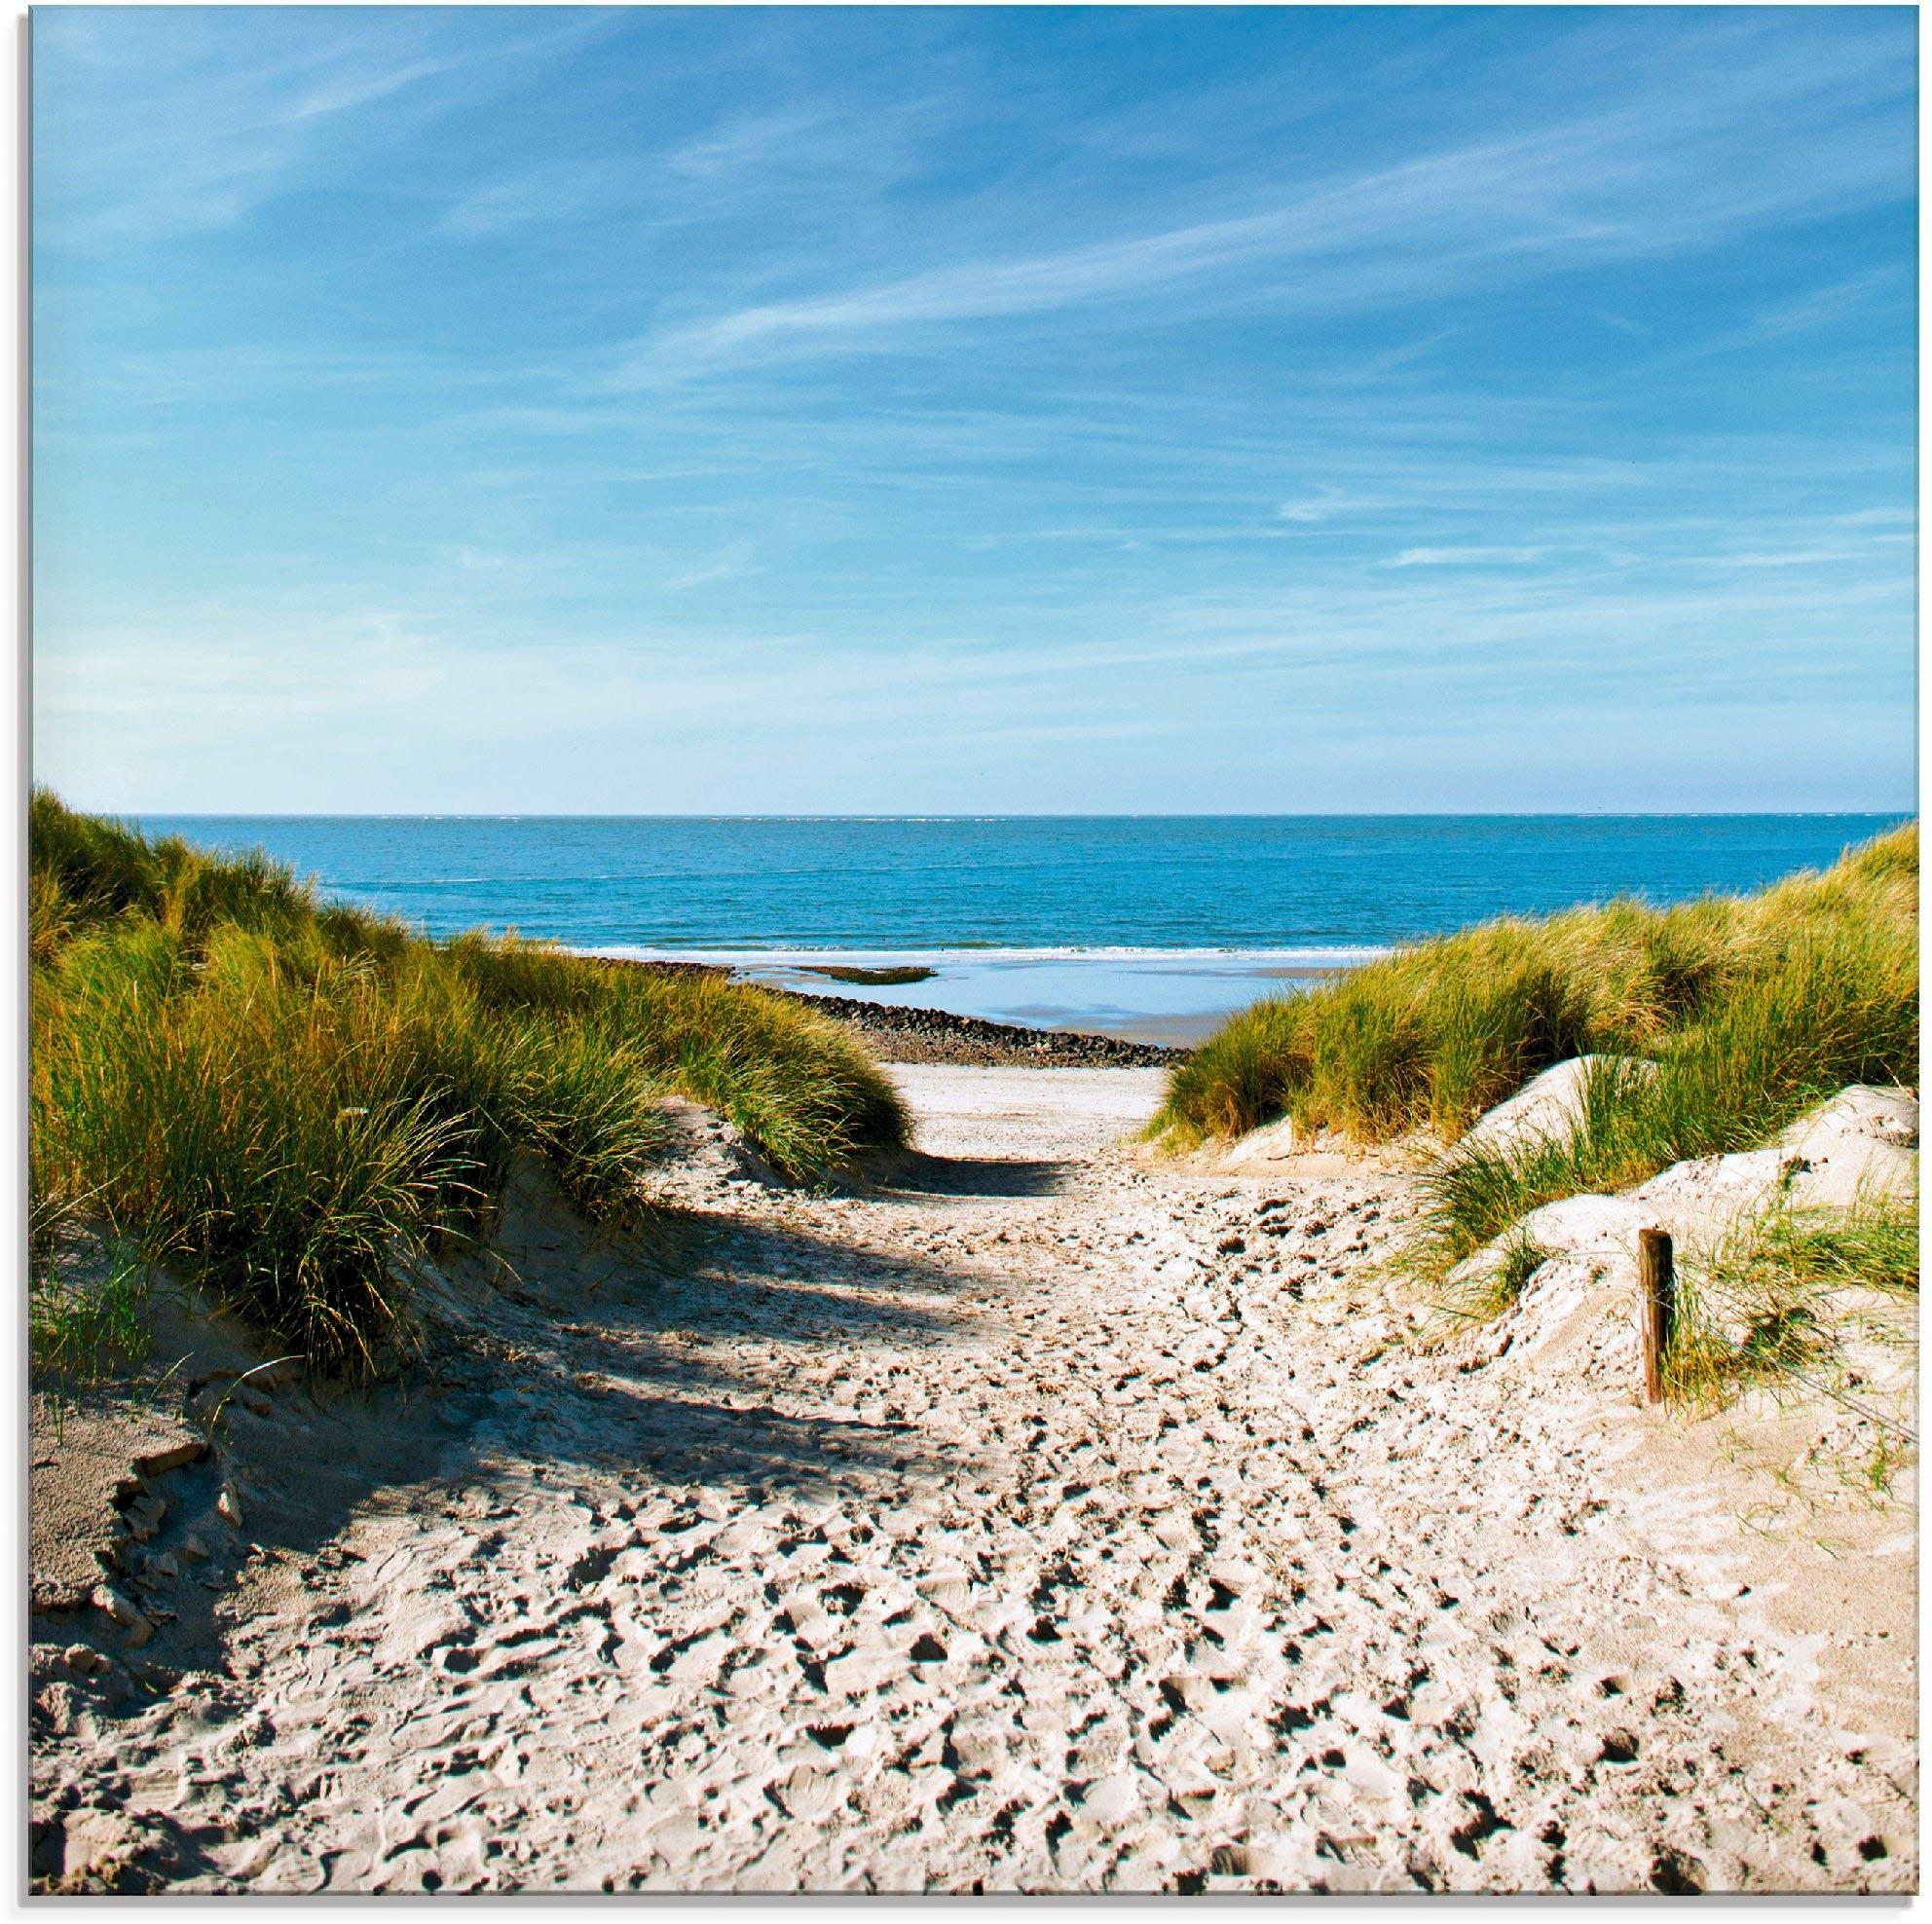 Artland print op glas Strand met duinen en weg naar het water (1 stuk) - gratis ruilen op otto.nl